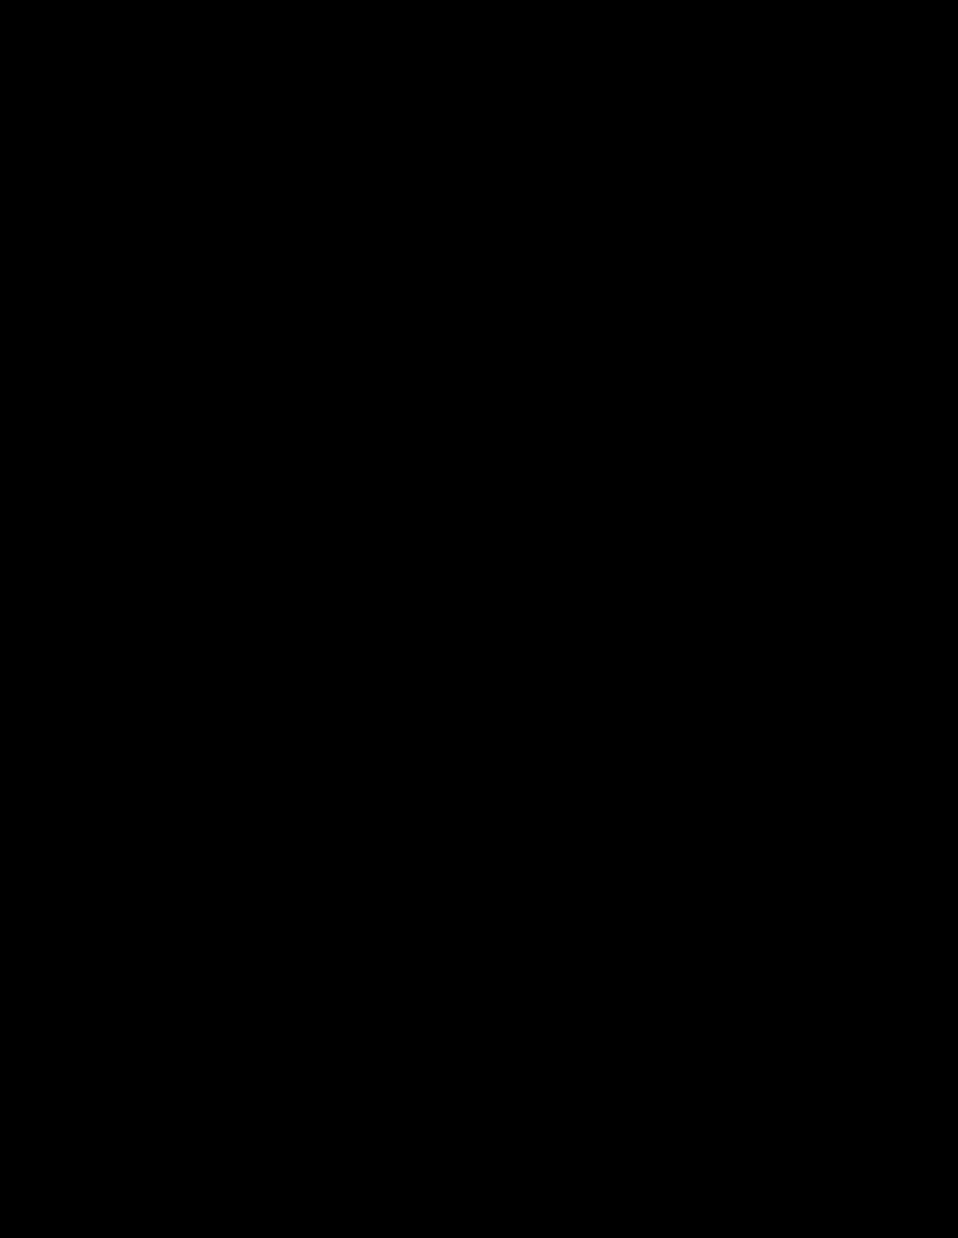 Public domain clip image. Plants clipart line art